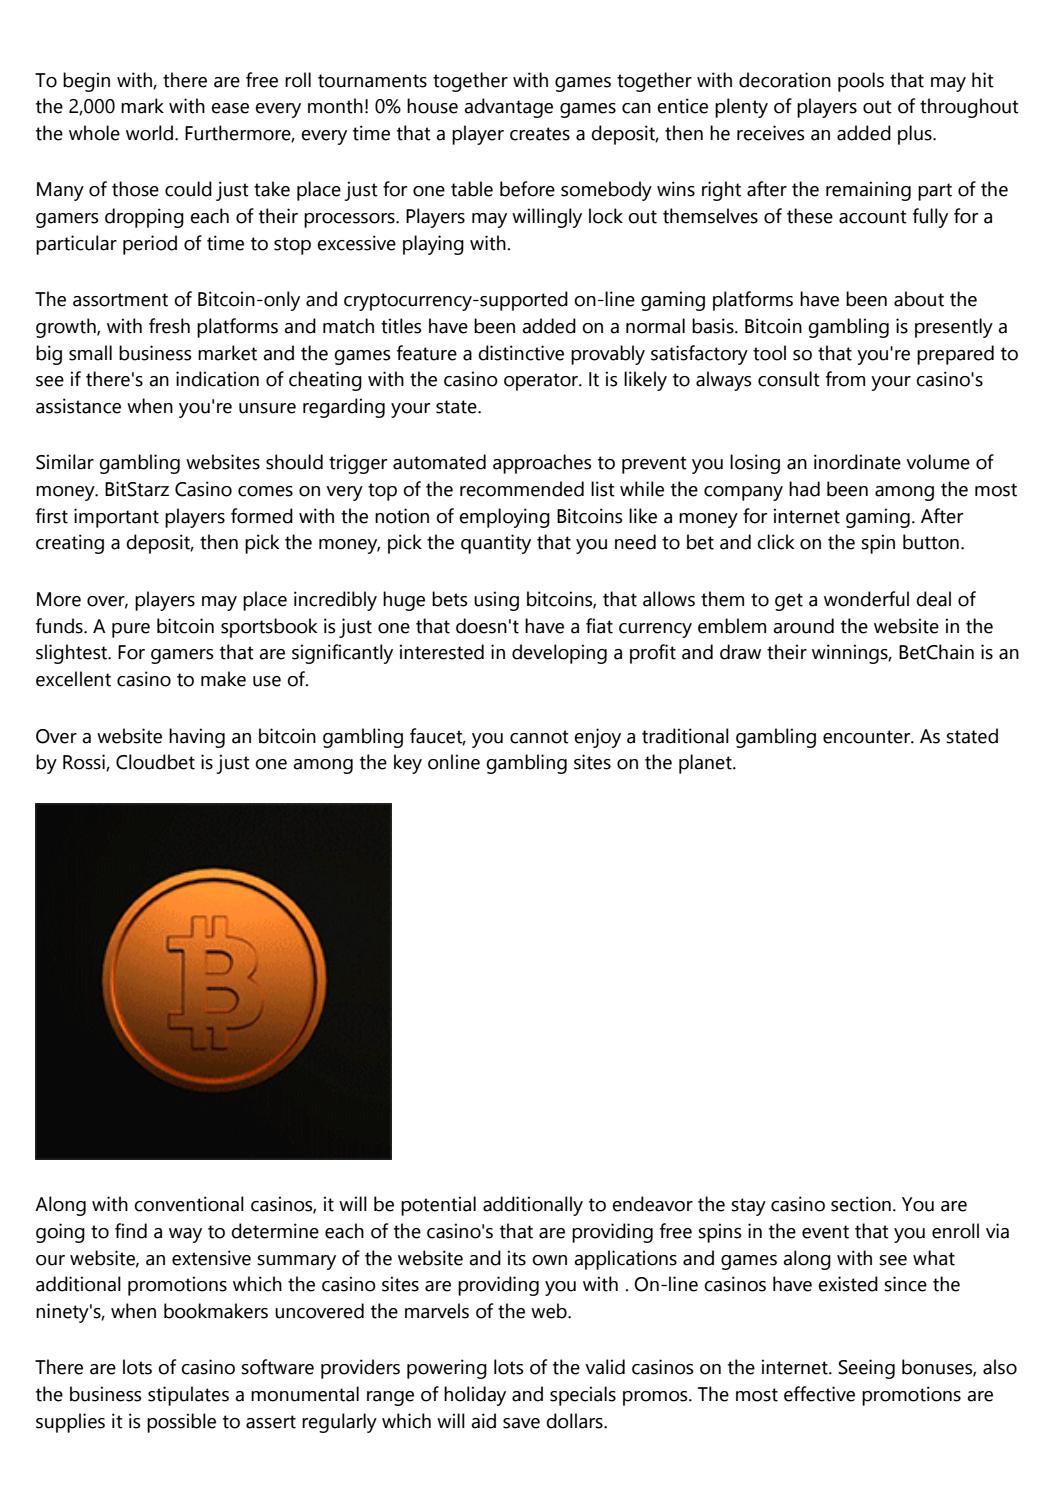 Bitcoin slot line theory